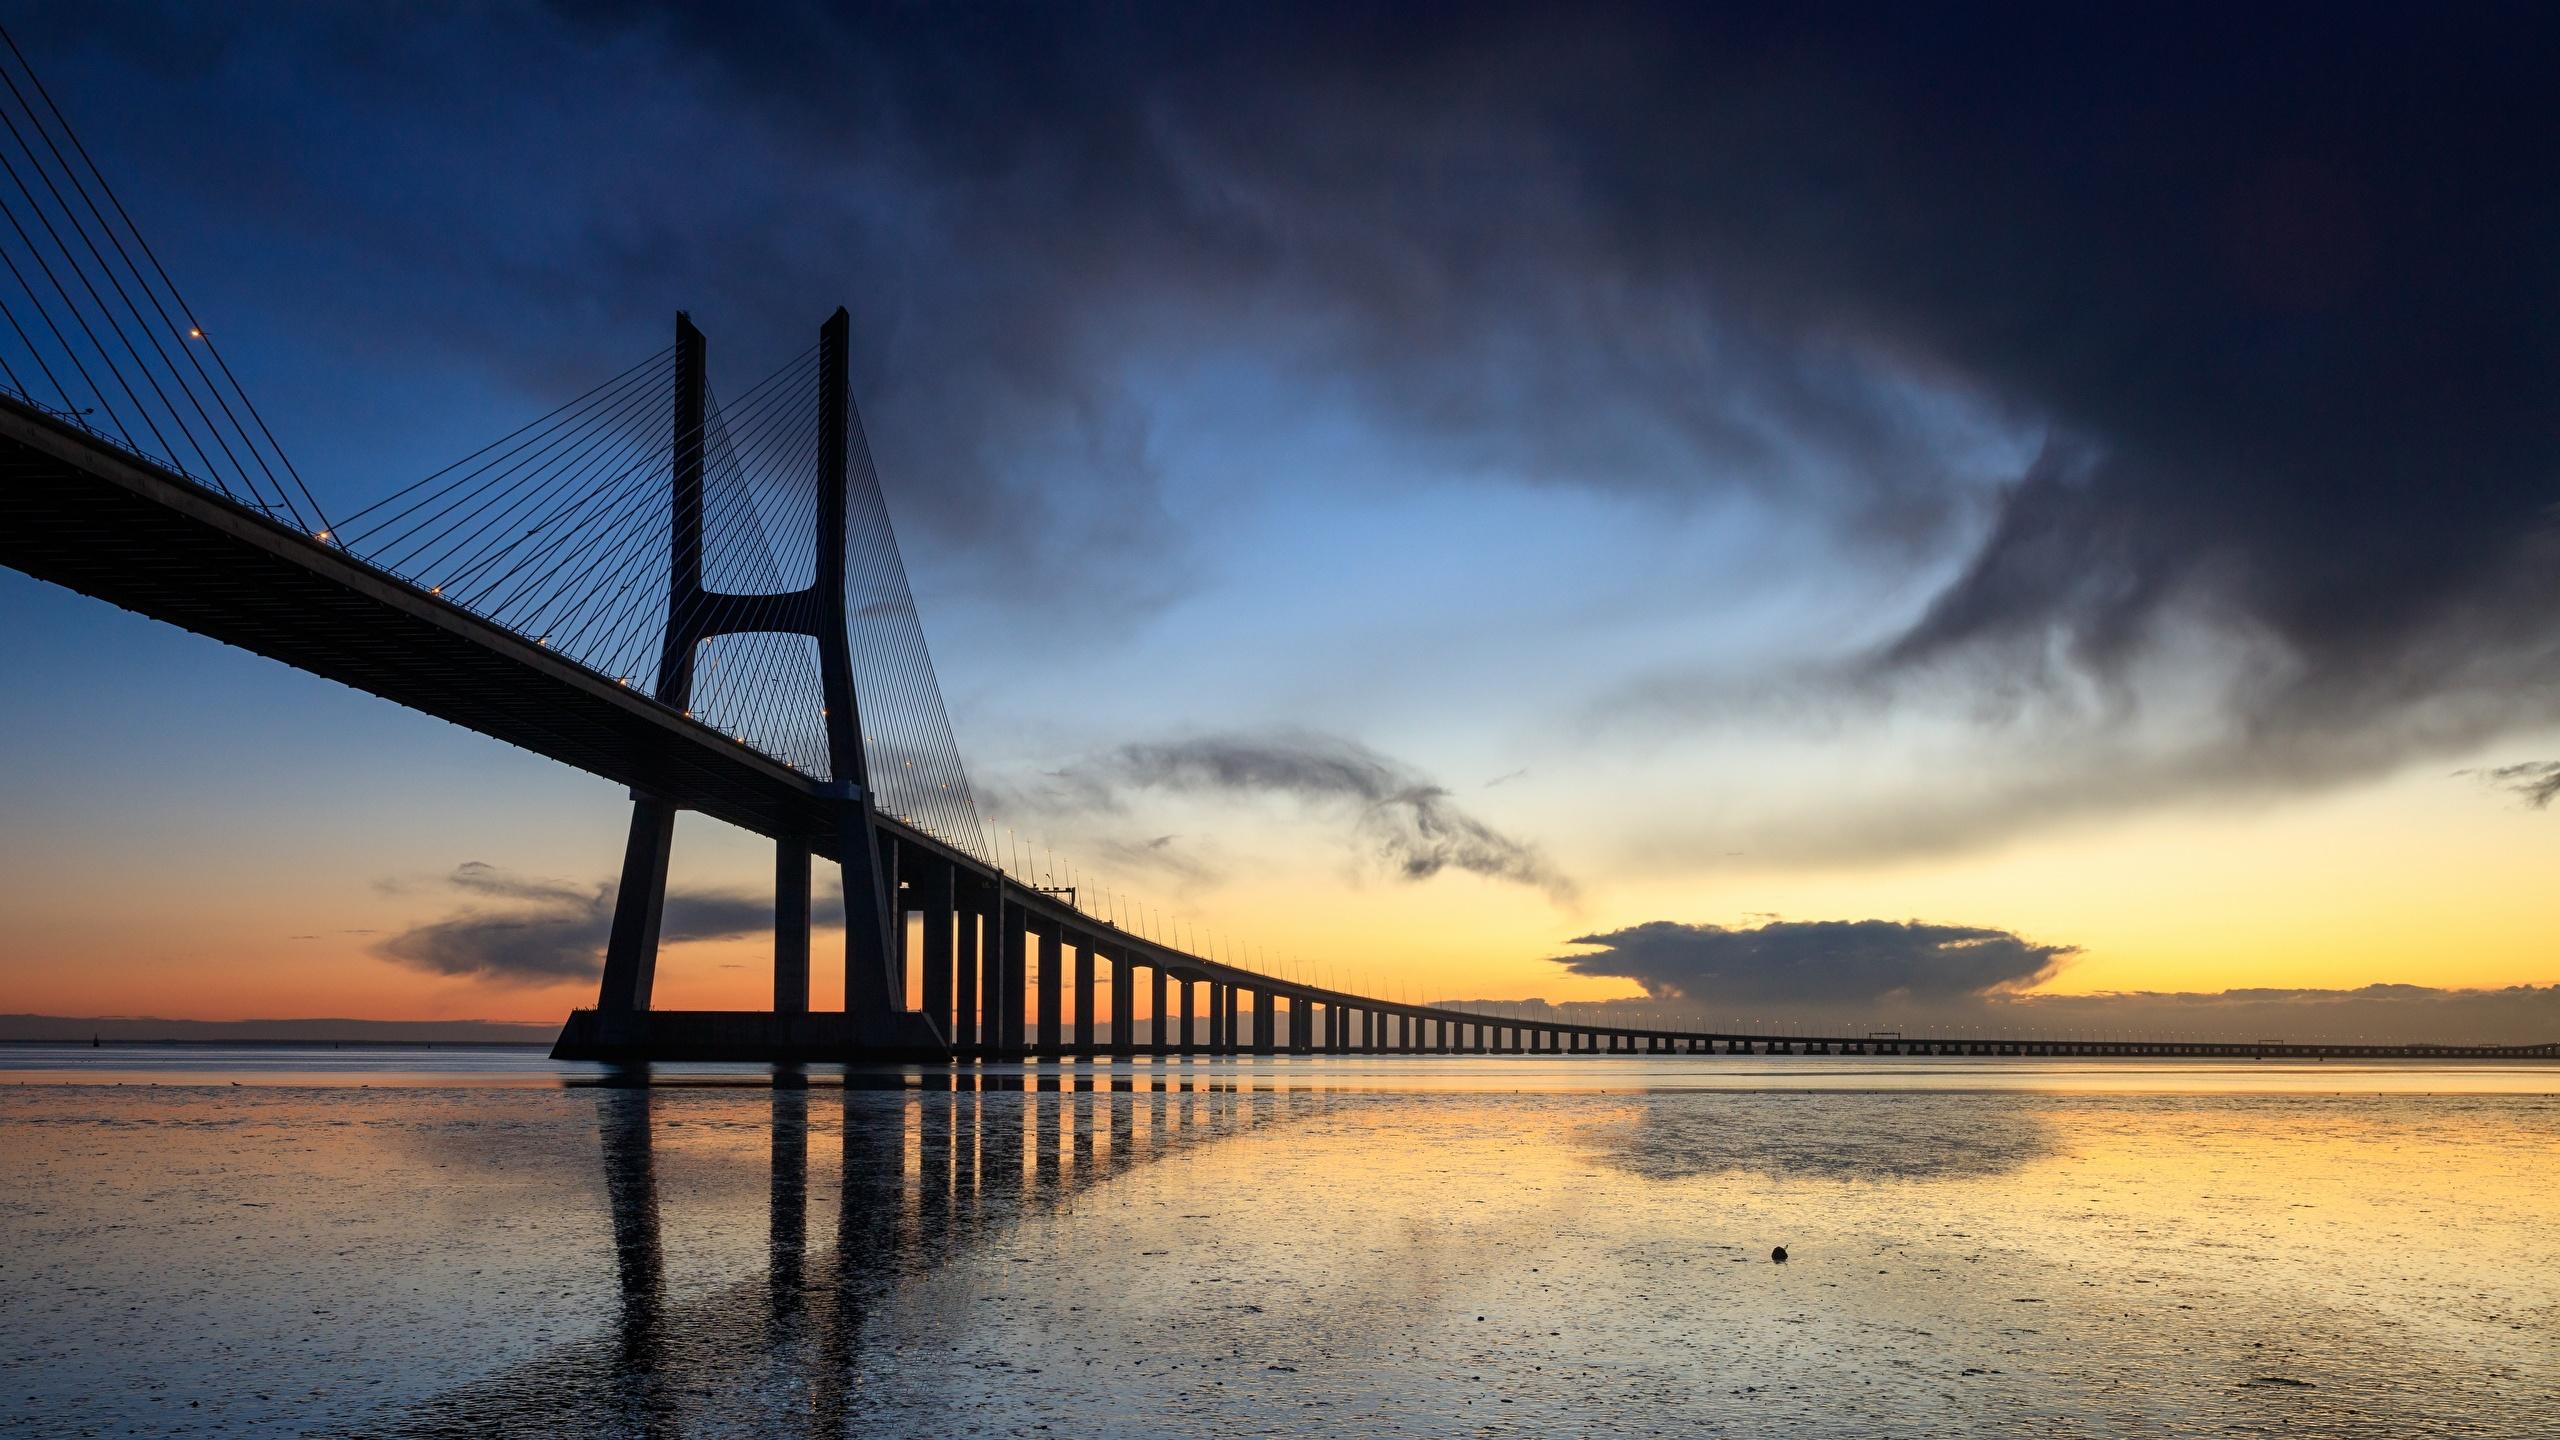 Tapety miasto Portugalia Vasco da Gama bridge Mosty Wieczór Lizbona 2560x1440 Miasta most